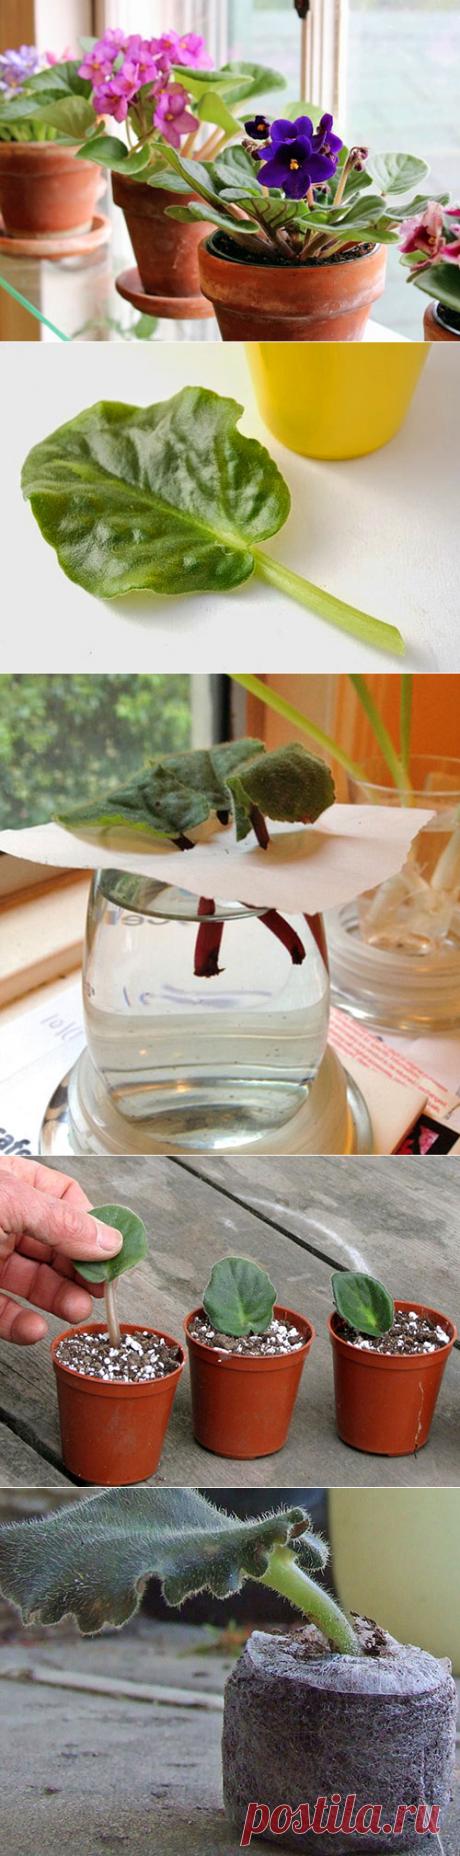 Фиалки - размножение листом, как посадить и вырастить, грунт, видео